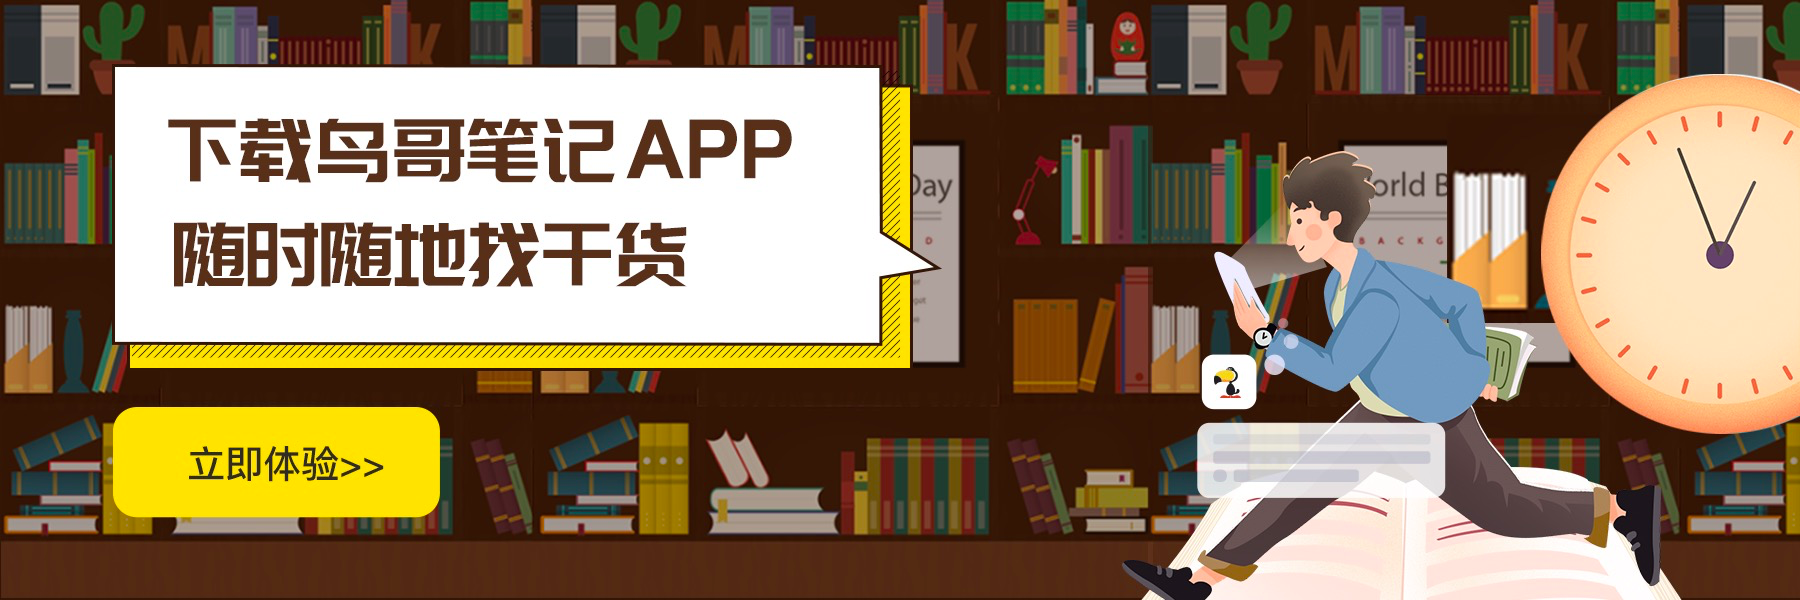 鸟哥笔记,ASO,小米开放平台,渠道,应用商店